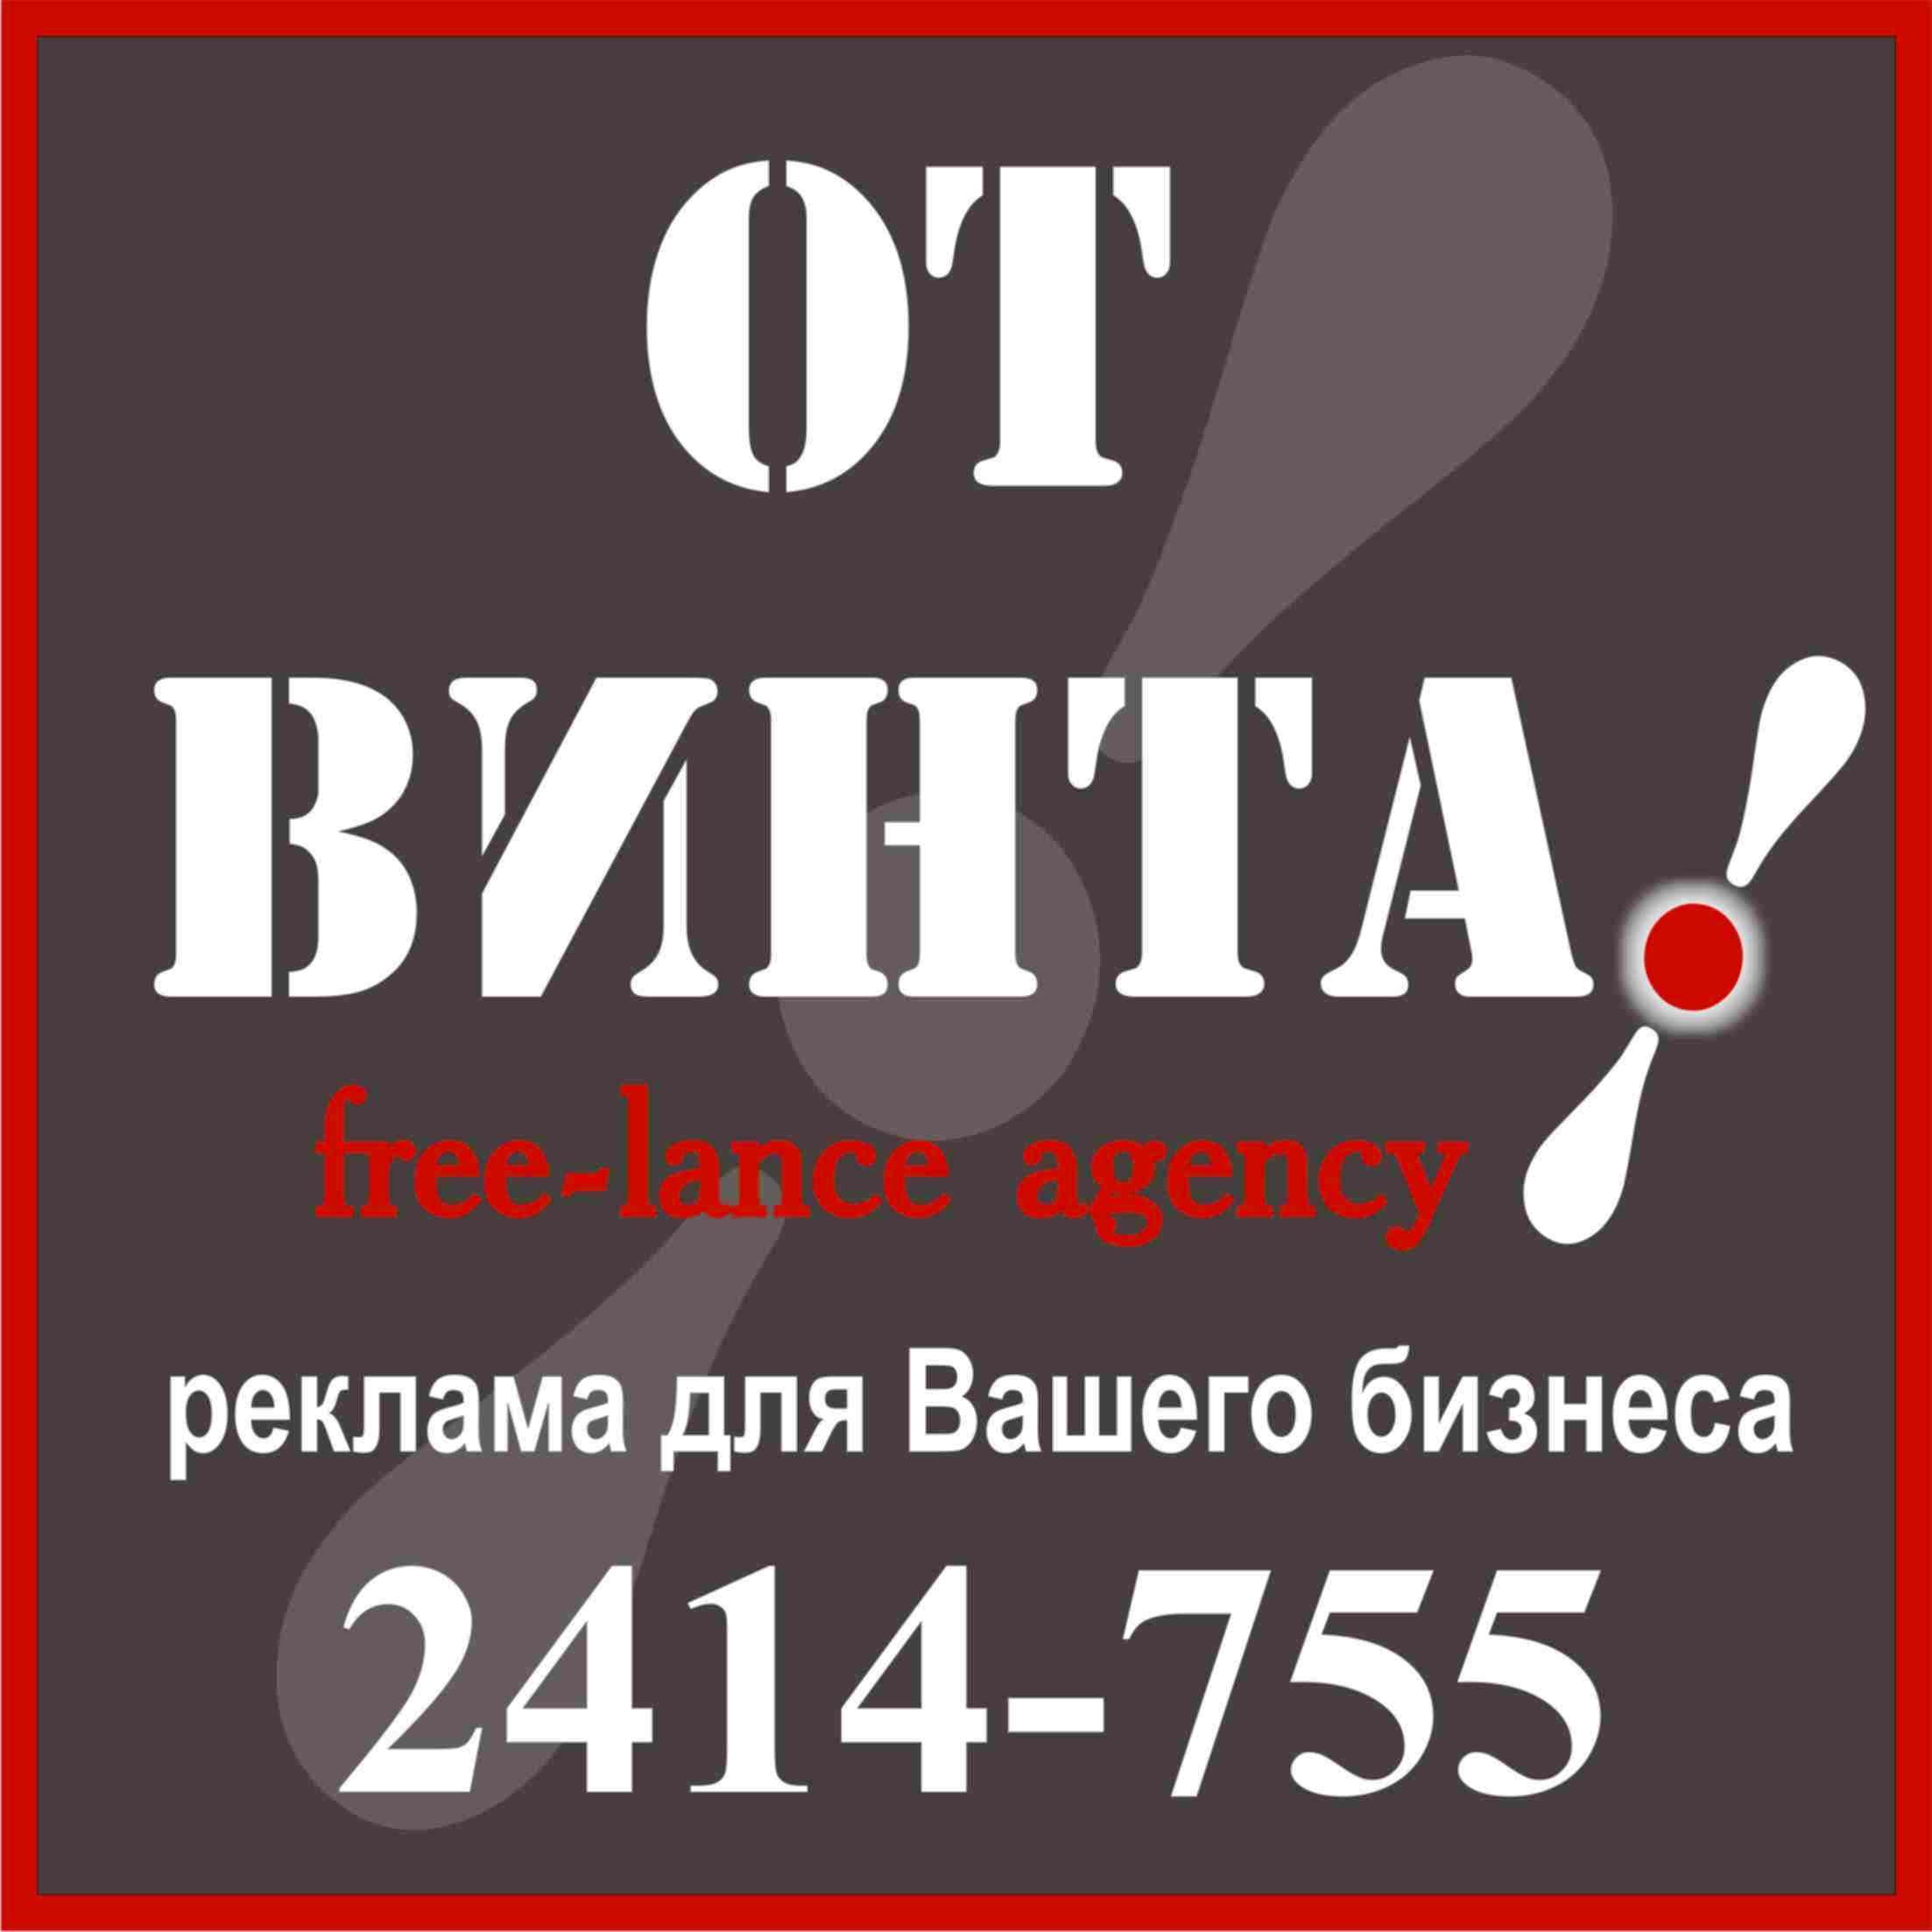 Реклама для Вашего бизнеса!